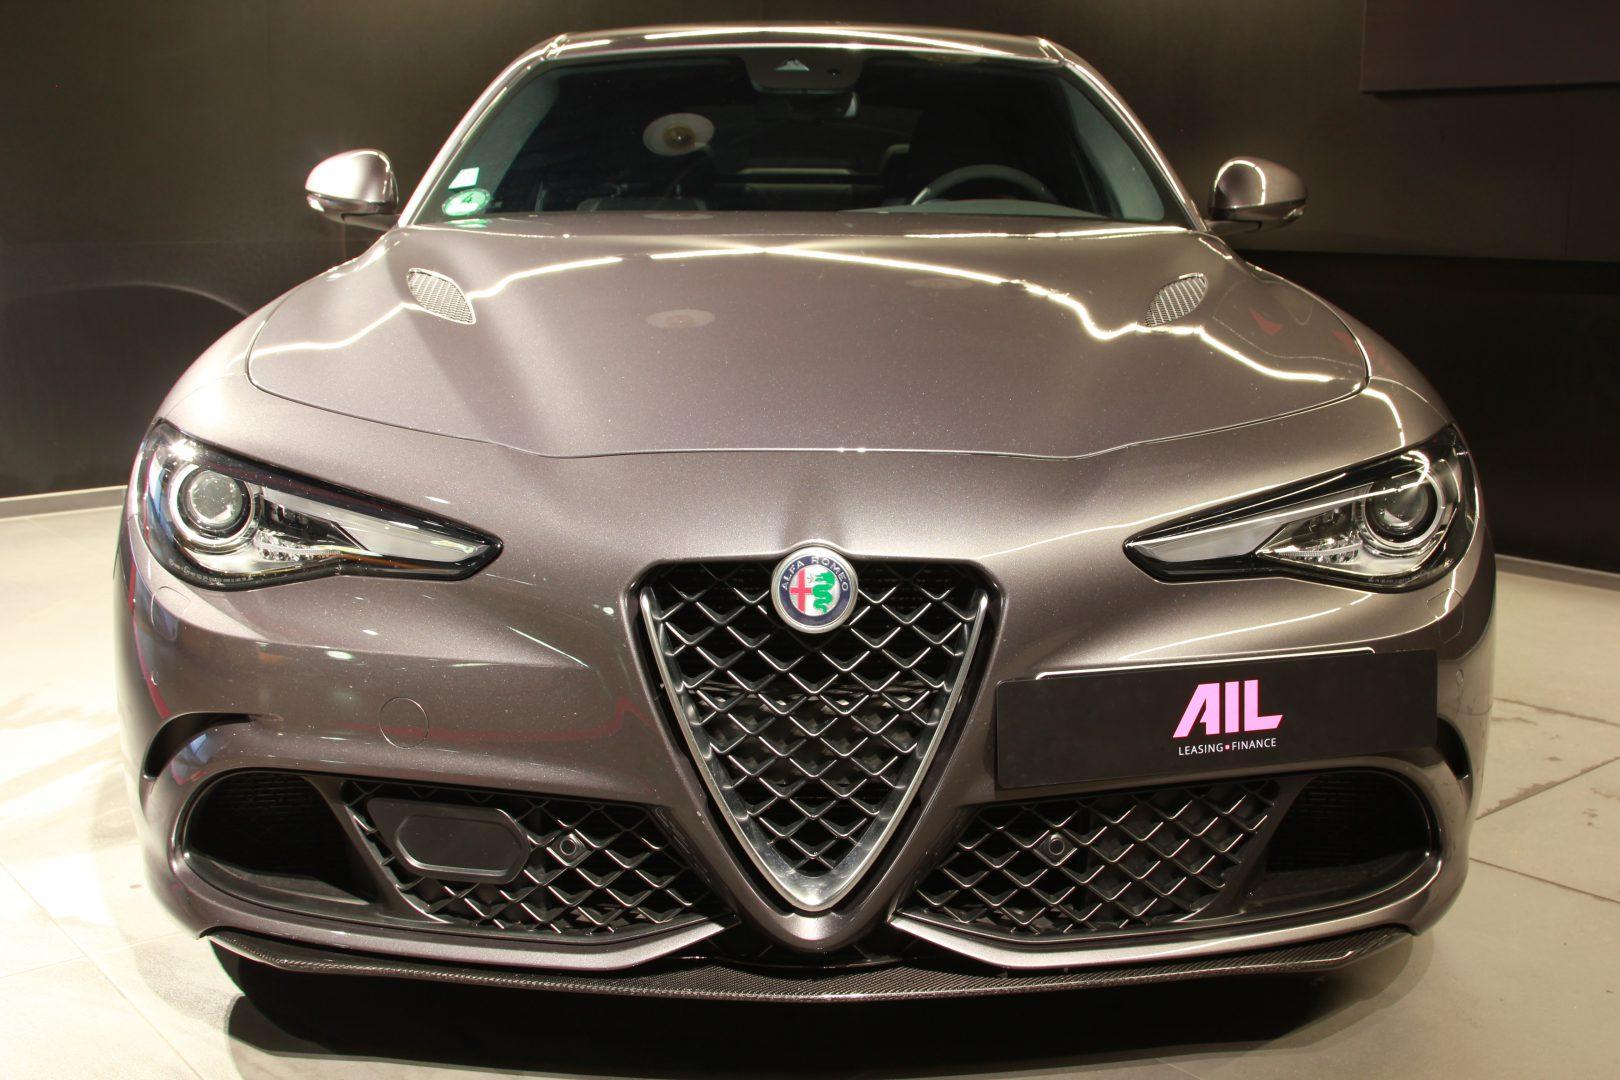 AIL Alfa Romeo  Giulia 2.9 V6 Bi-Turbo Quadrifoglio